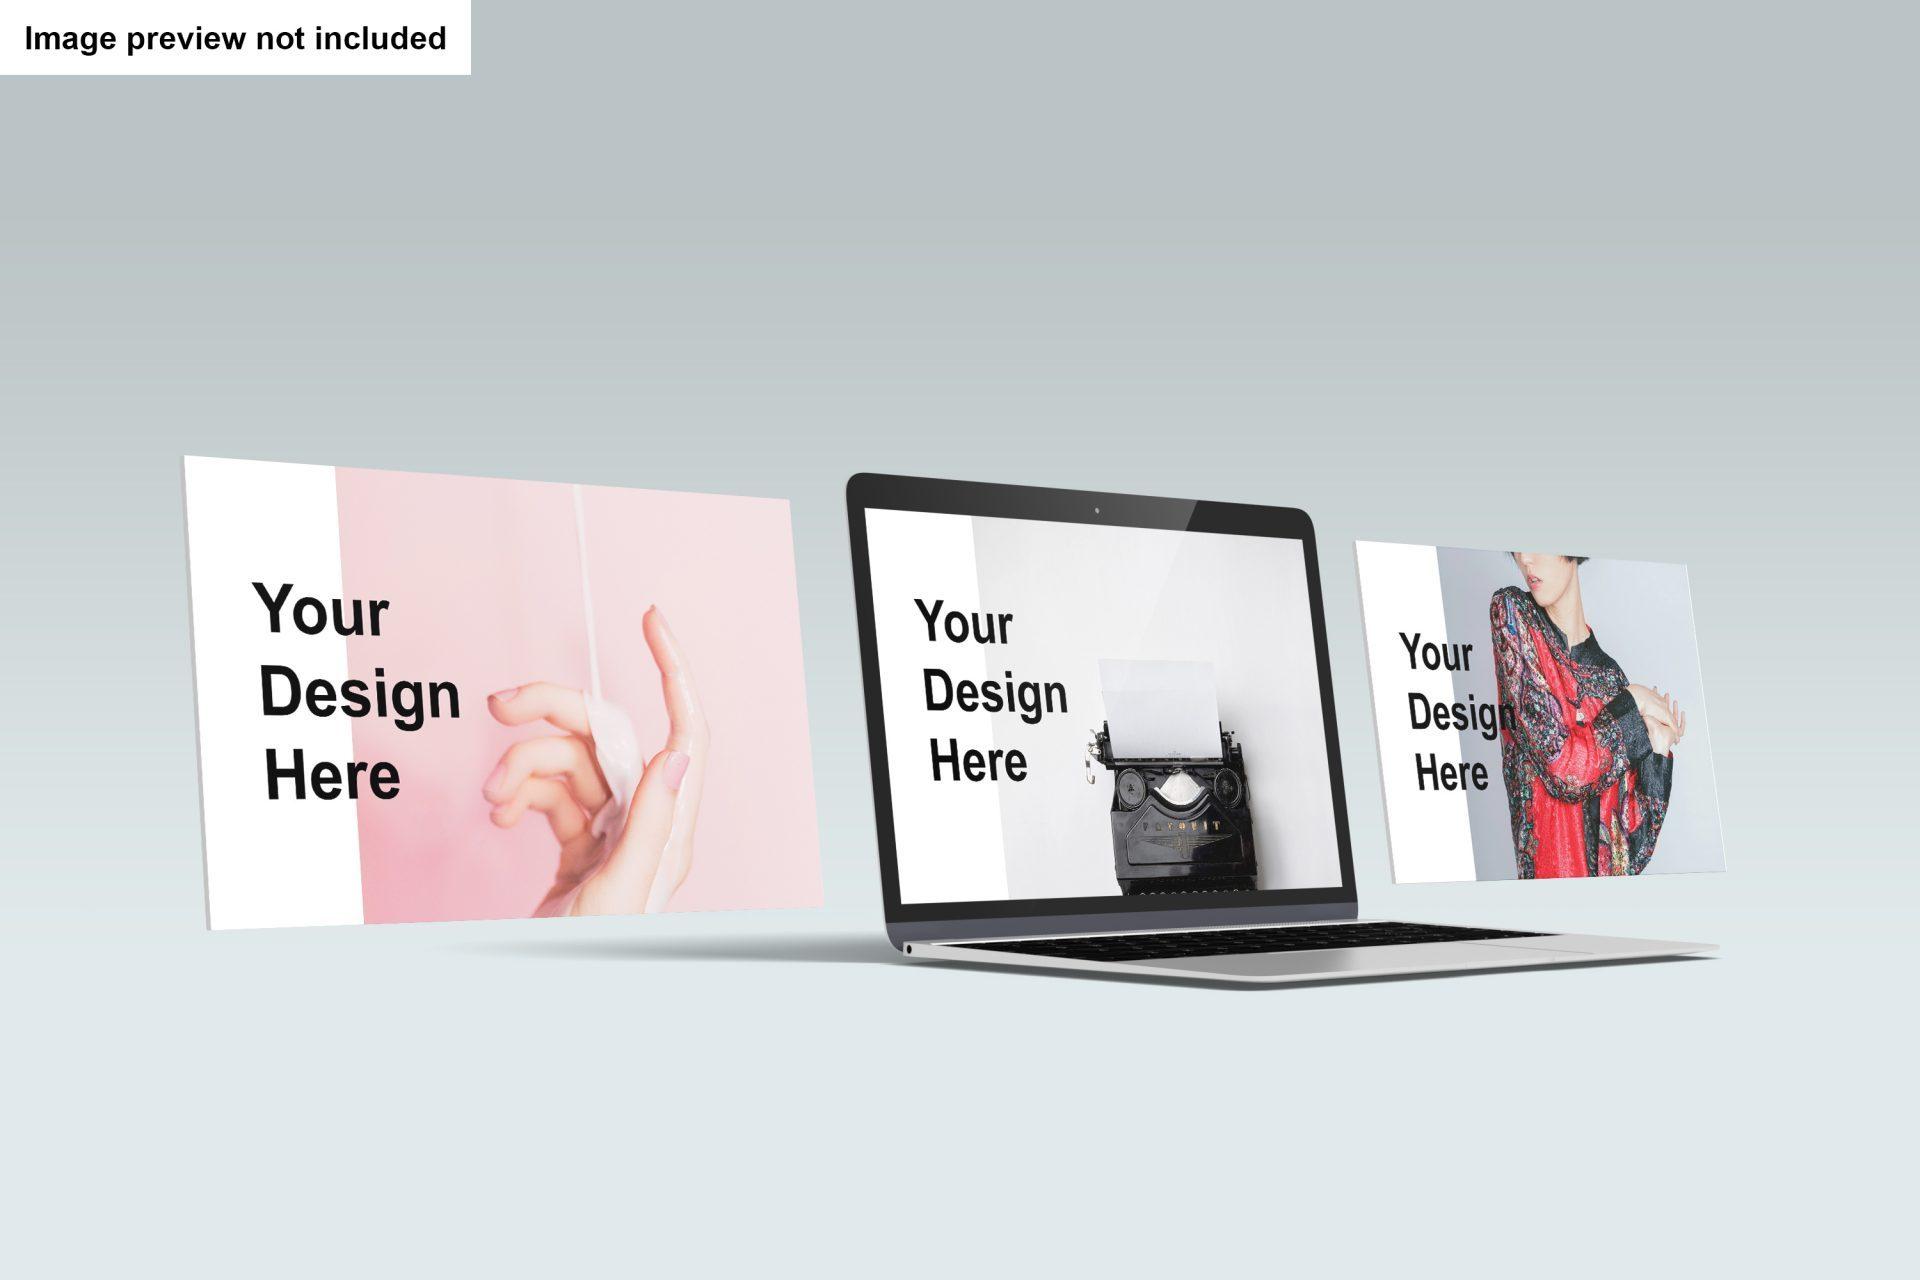 ดึงดูดใจลูกค้าด้วยการ ออกแบบเว็บไซต์สไตล์เรียบง่าย